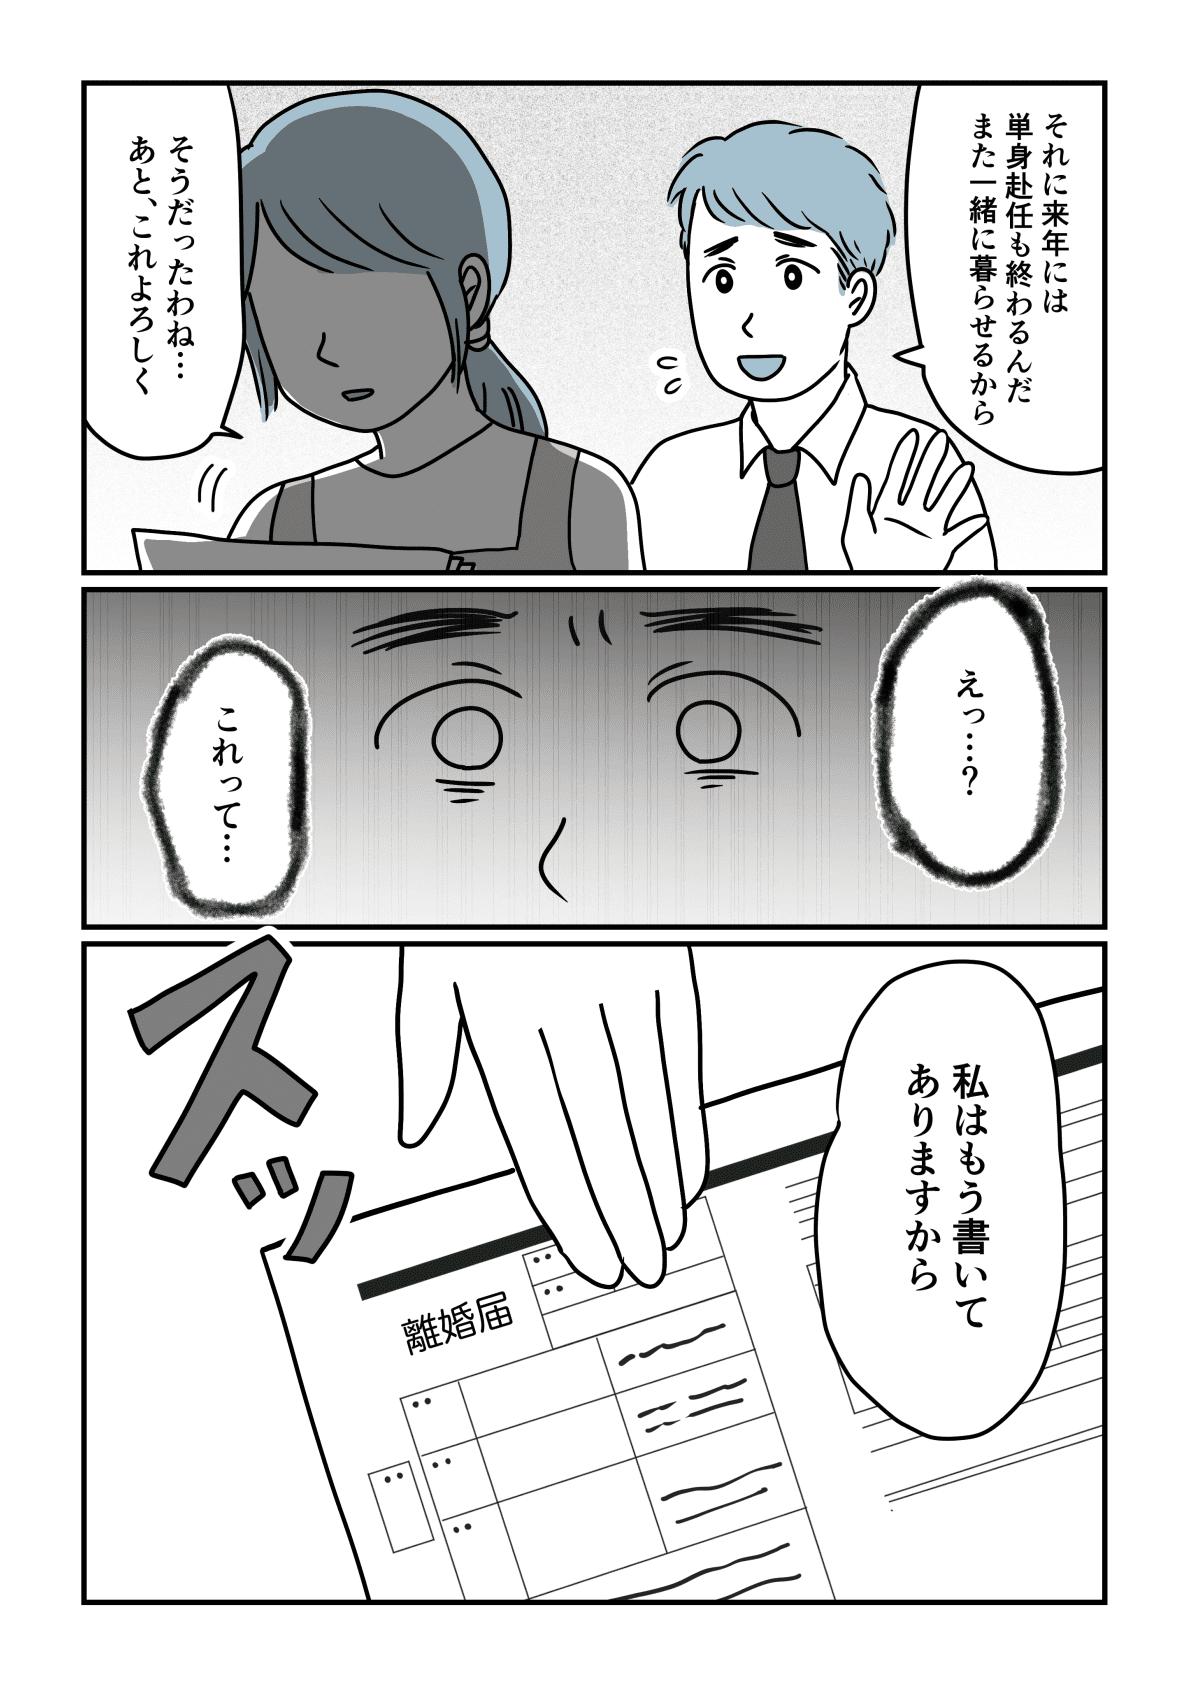 訴えられた旦那6−2